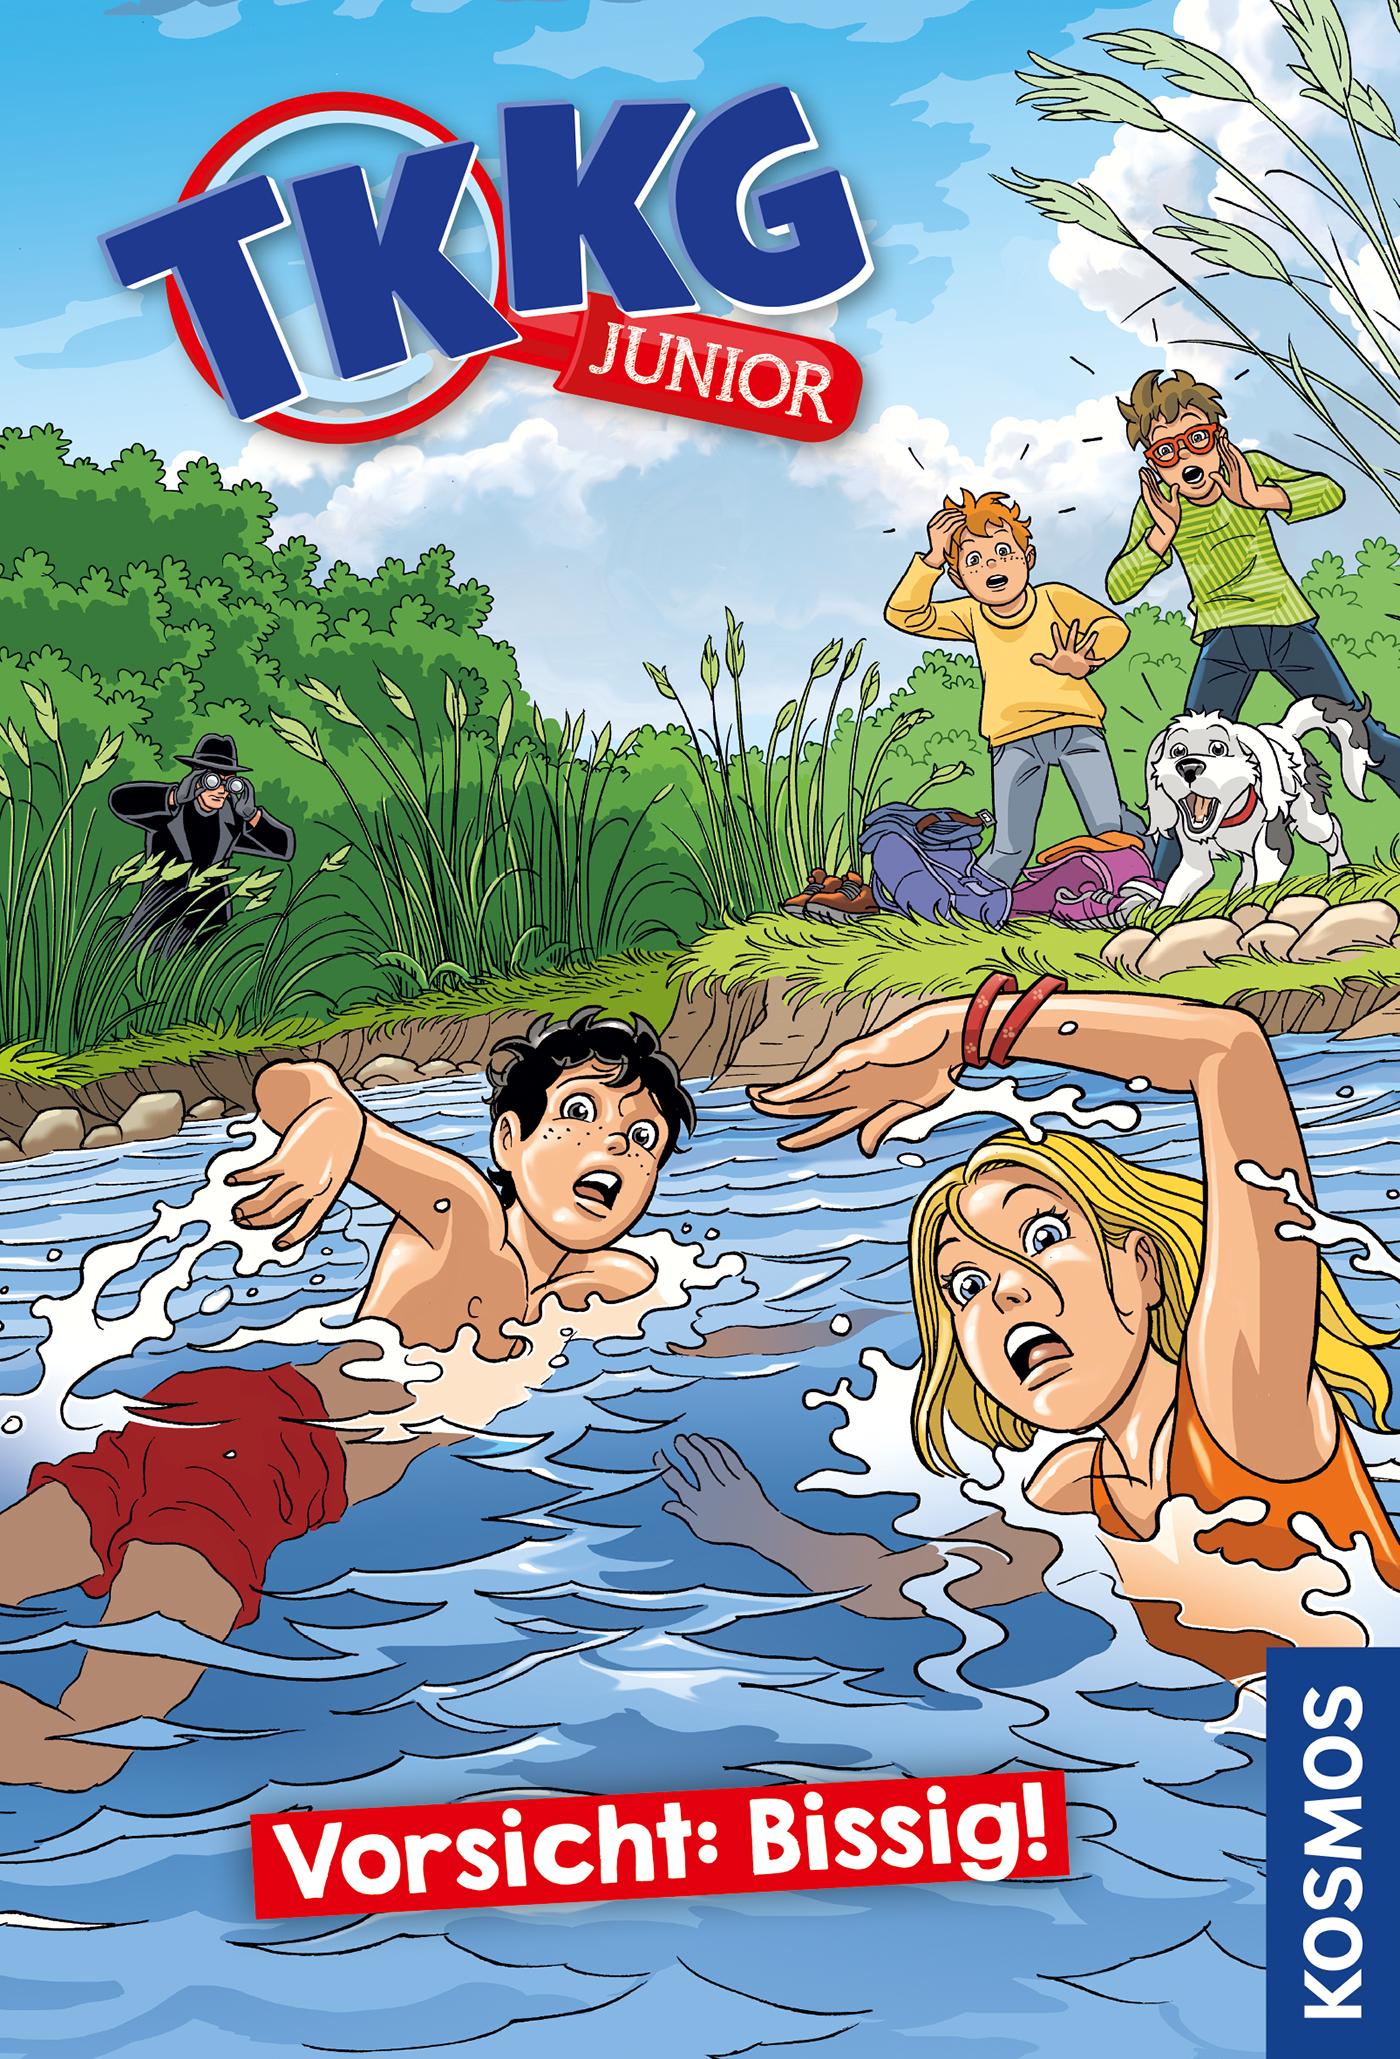 Cover Vorsicht: Bissig! Reihe TKKG Junior Bd. 2